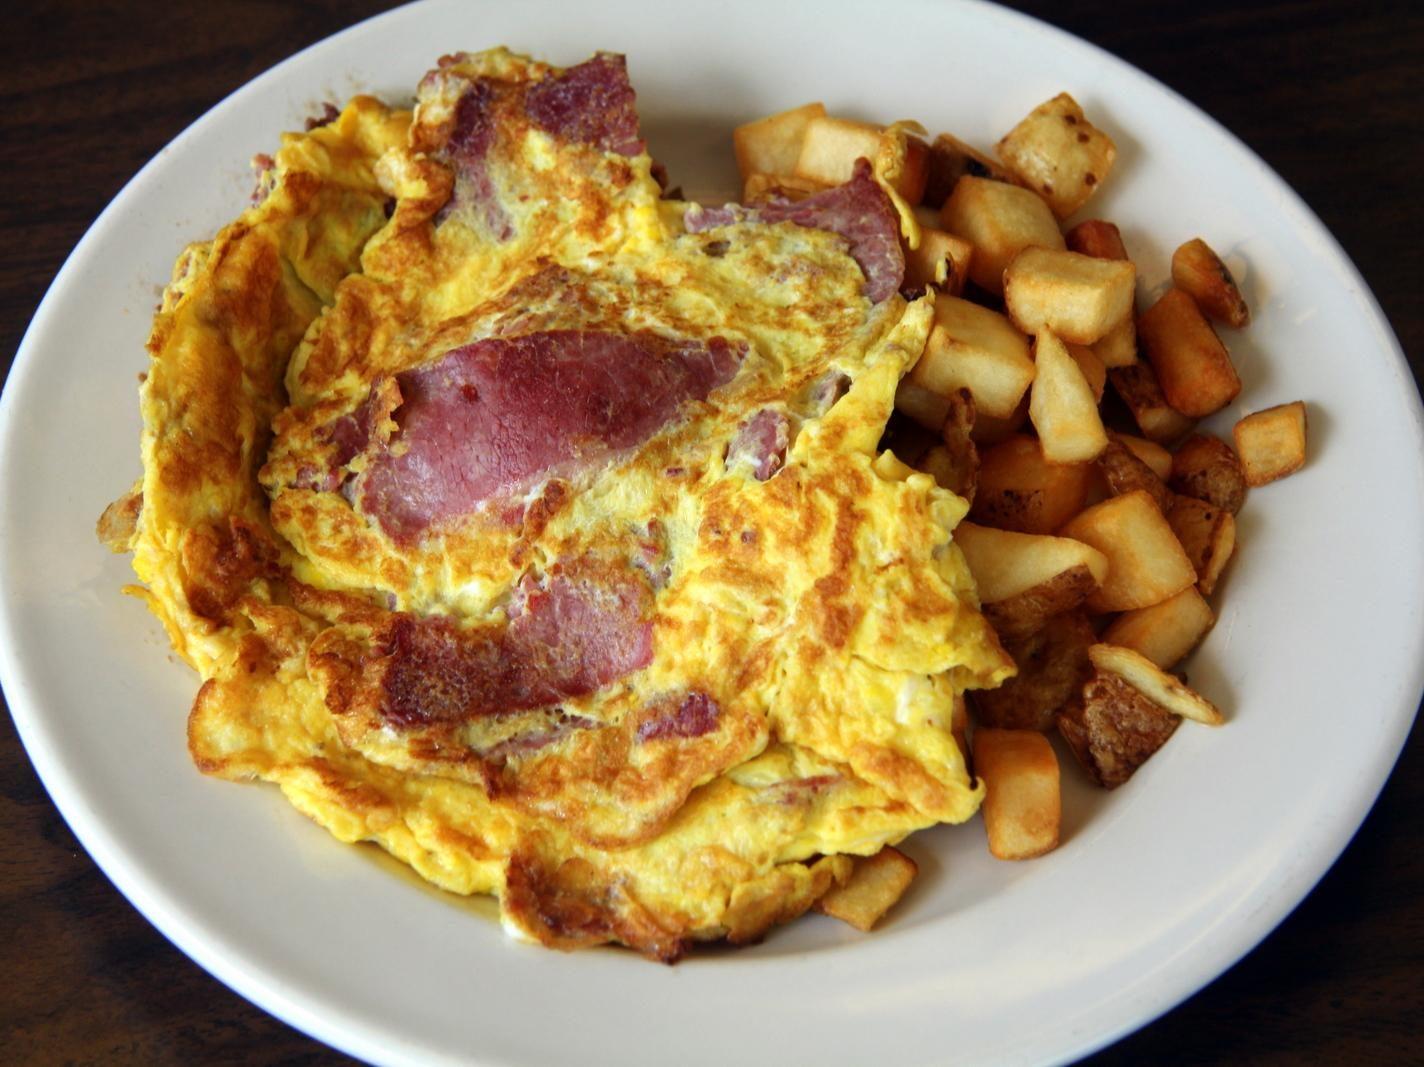 Jewish deli omelette